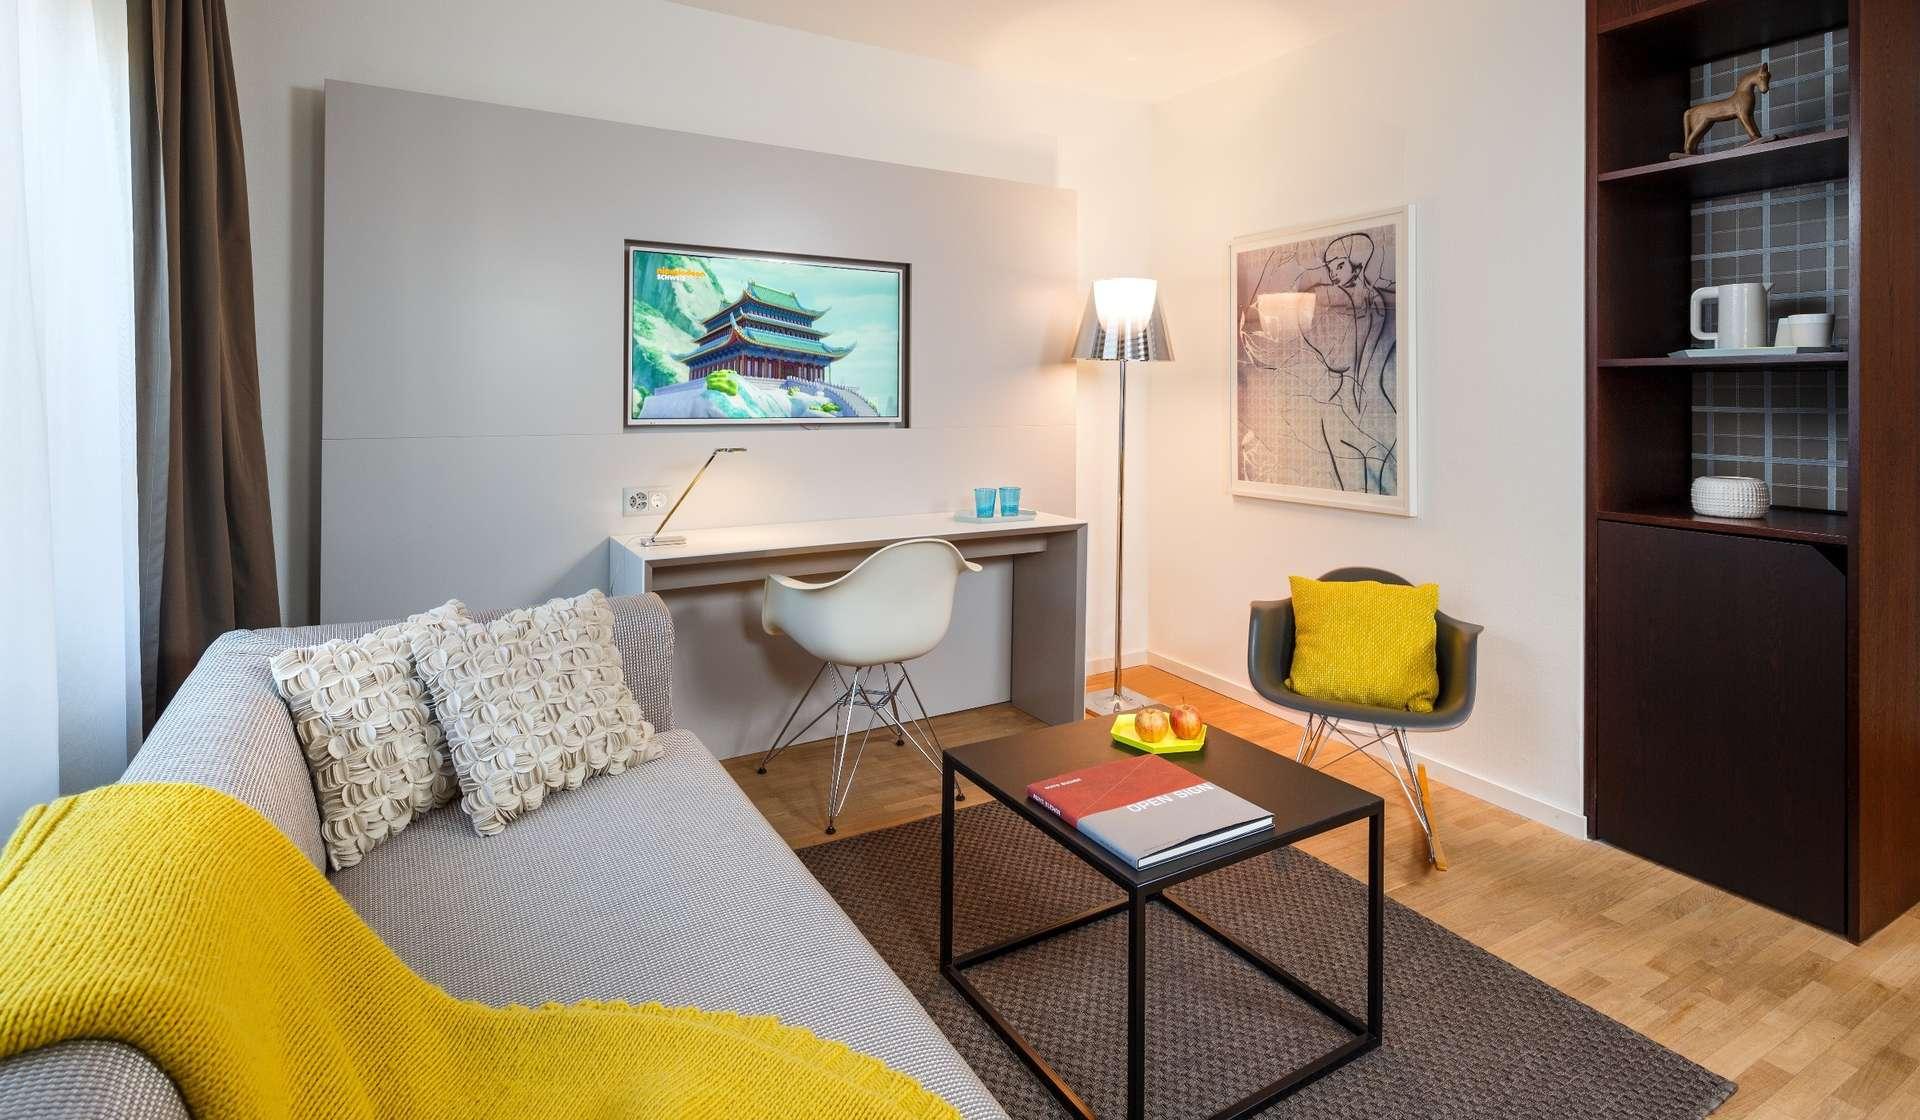 csm_Hotel_Roessli_Zuerich_Schweiz_Doppelzimmer_superior_Dependance_992f2af063